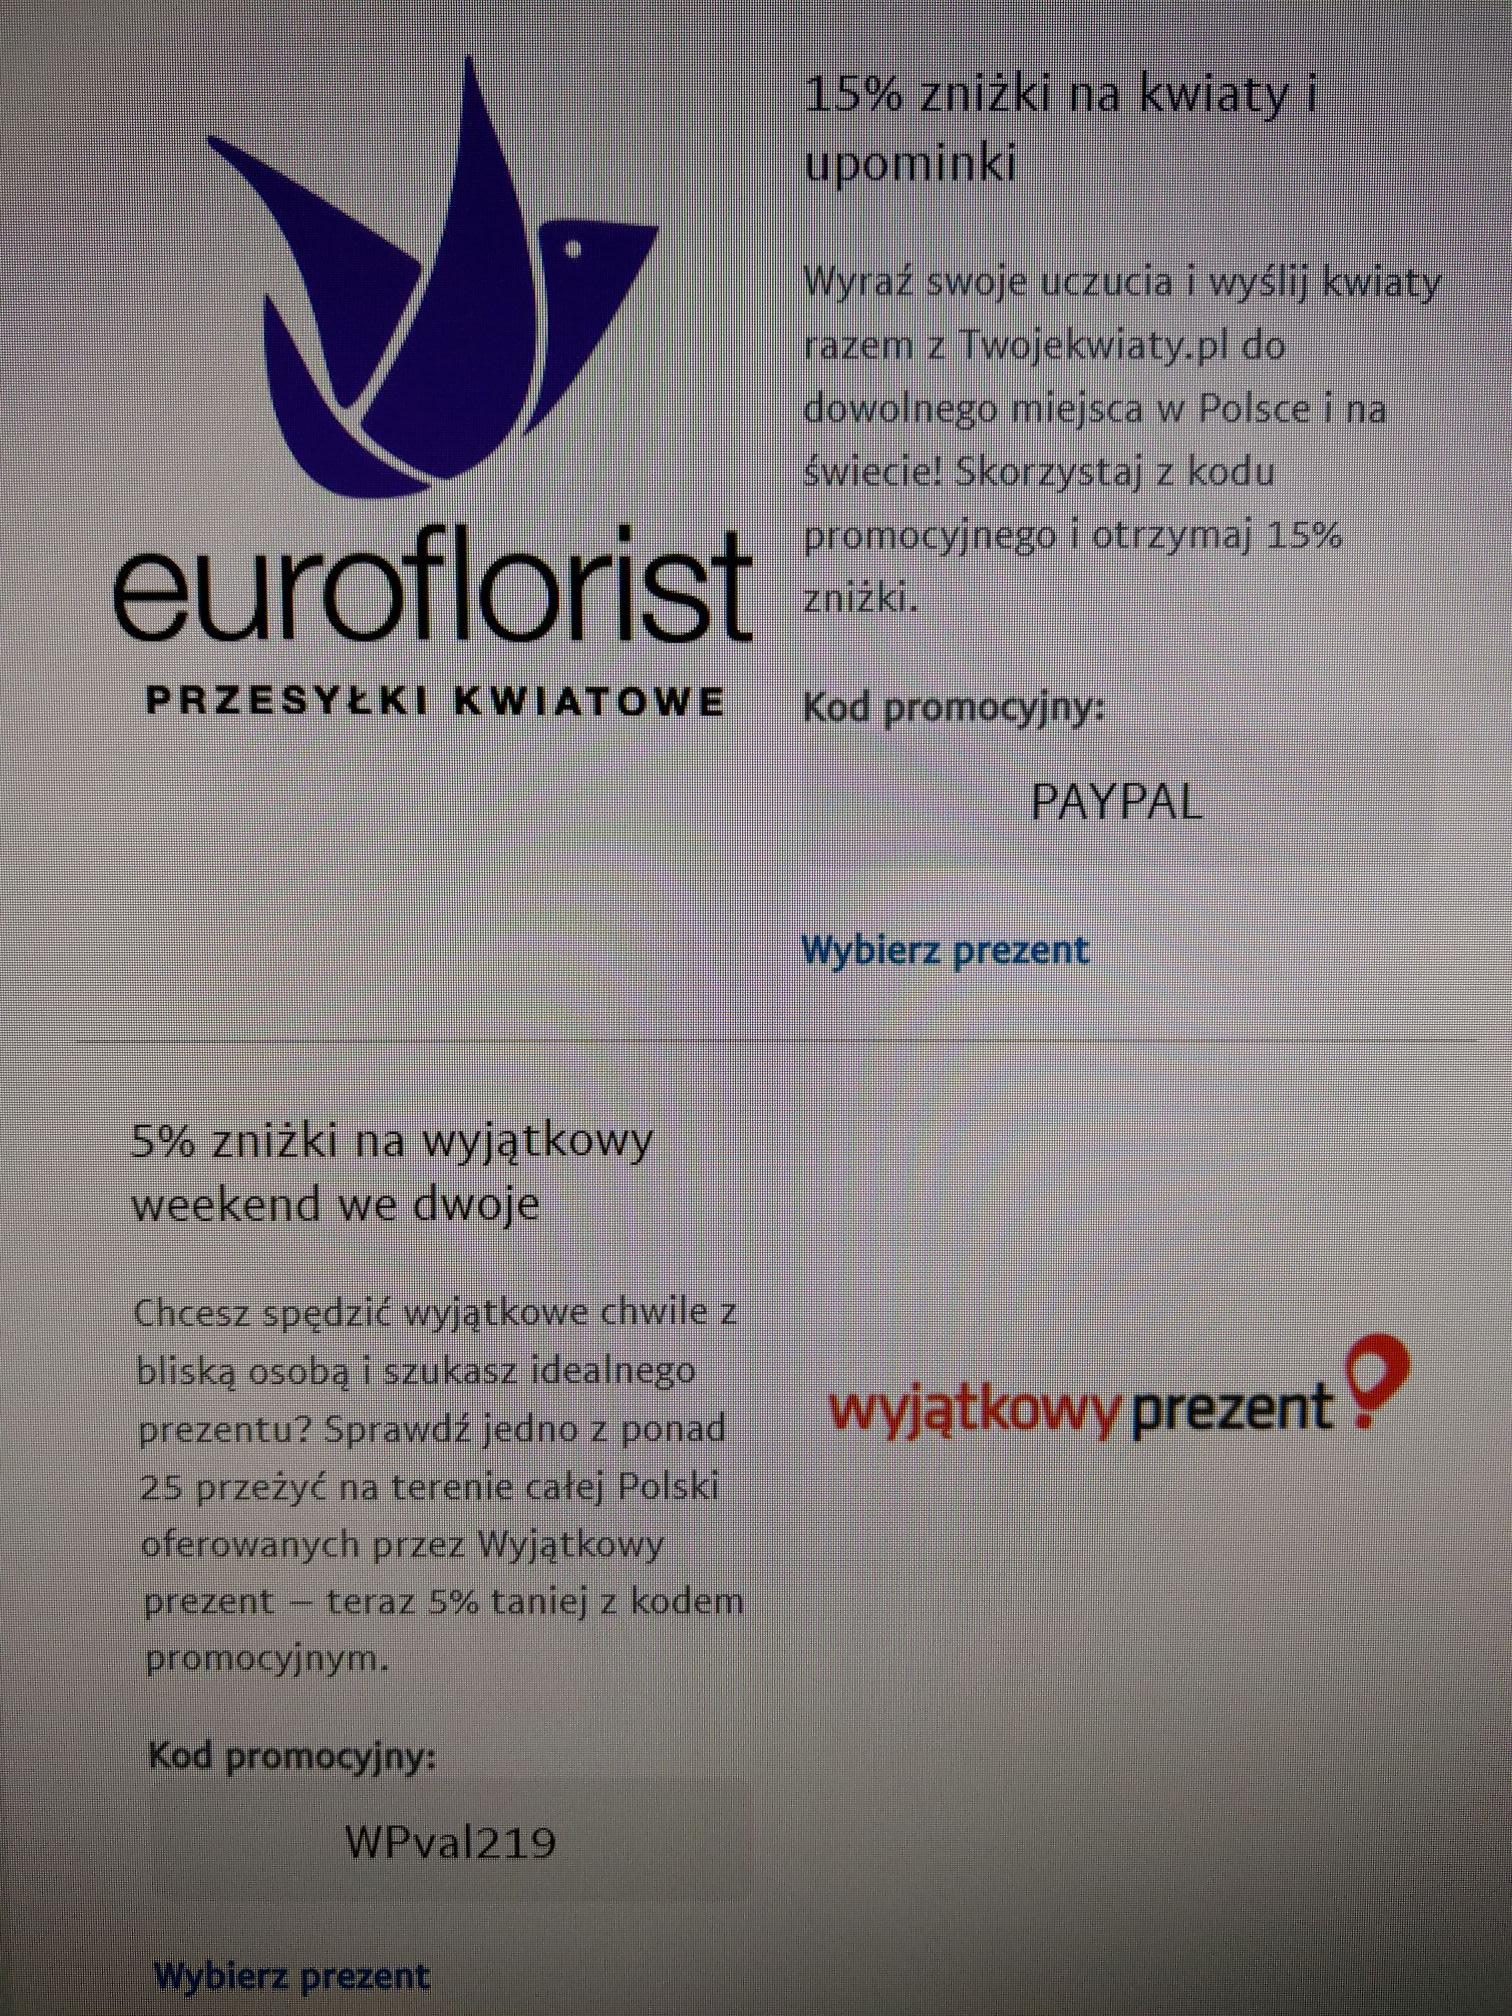 euroflorist -15% & wyjątkowy prezent -5% @walentynki